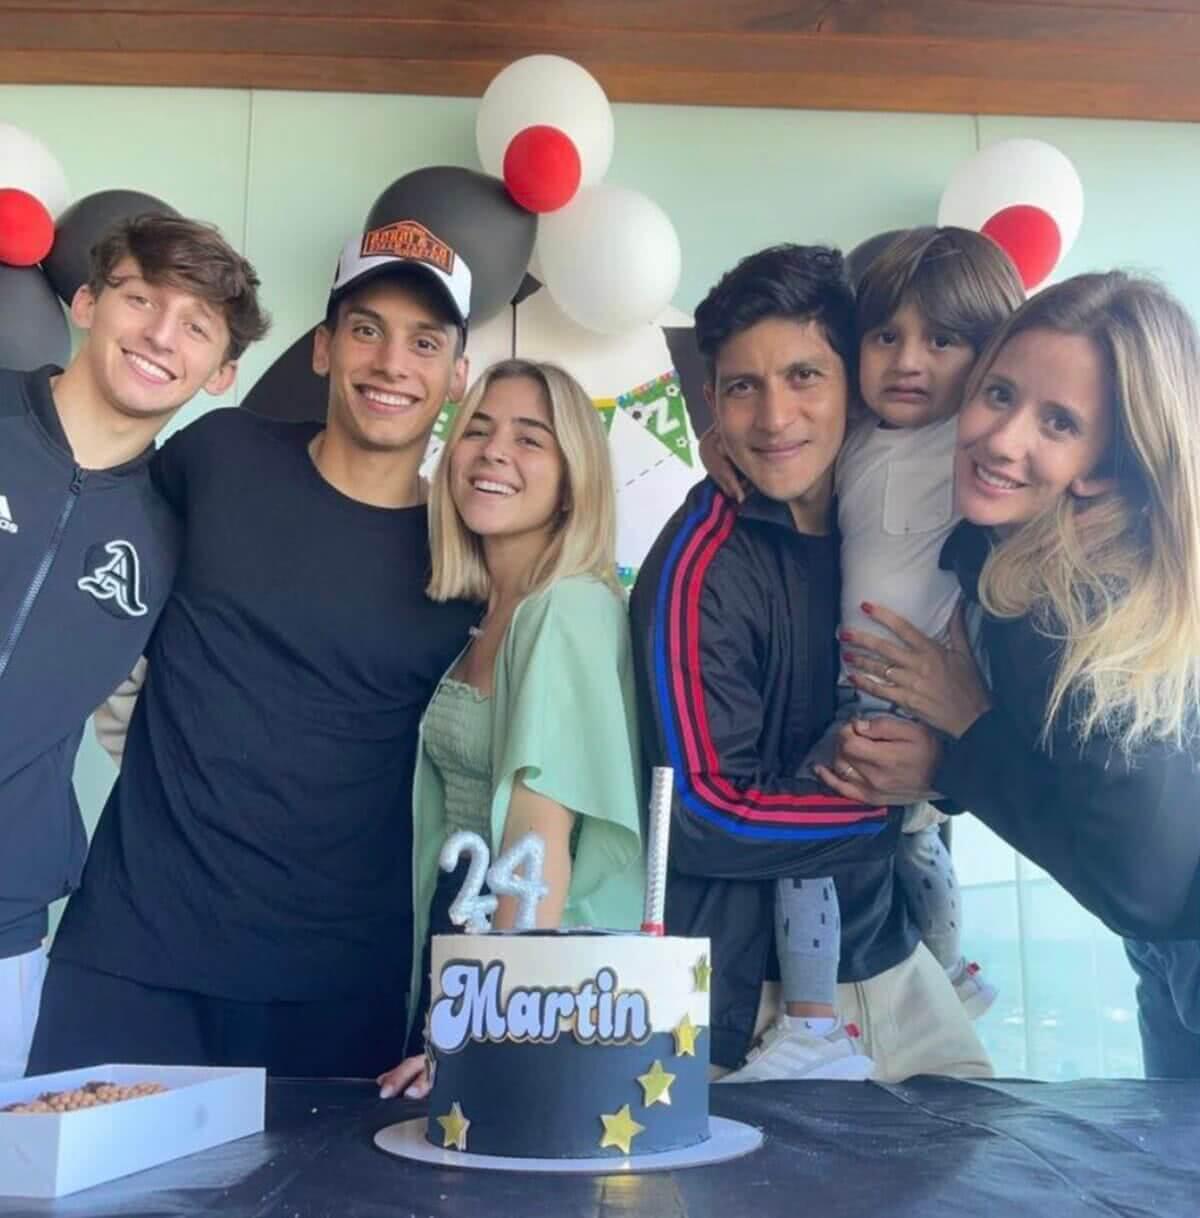 Galarza e Cano comemorando o aniversário de Sarrafiore com os familiares